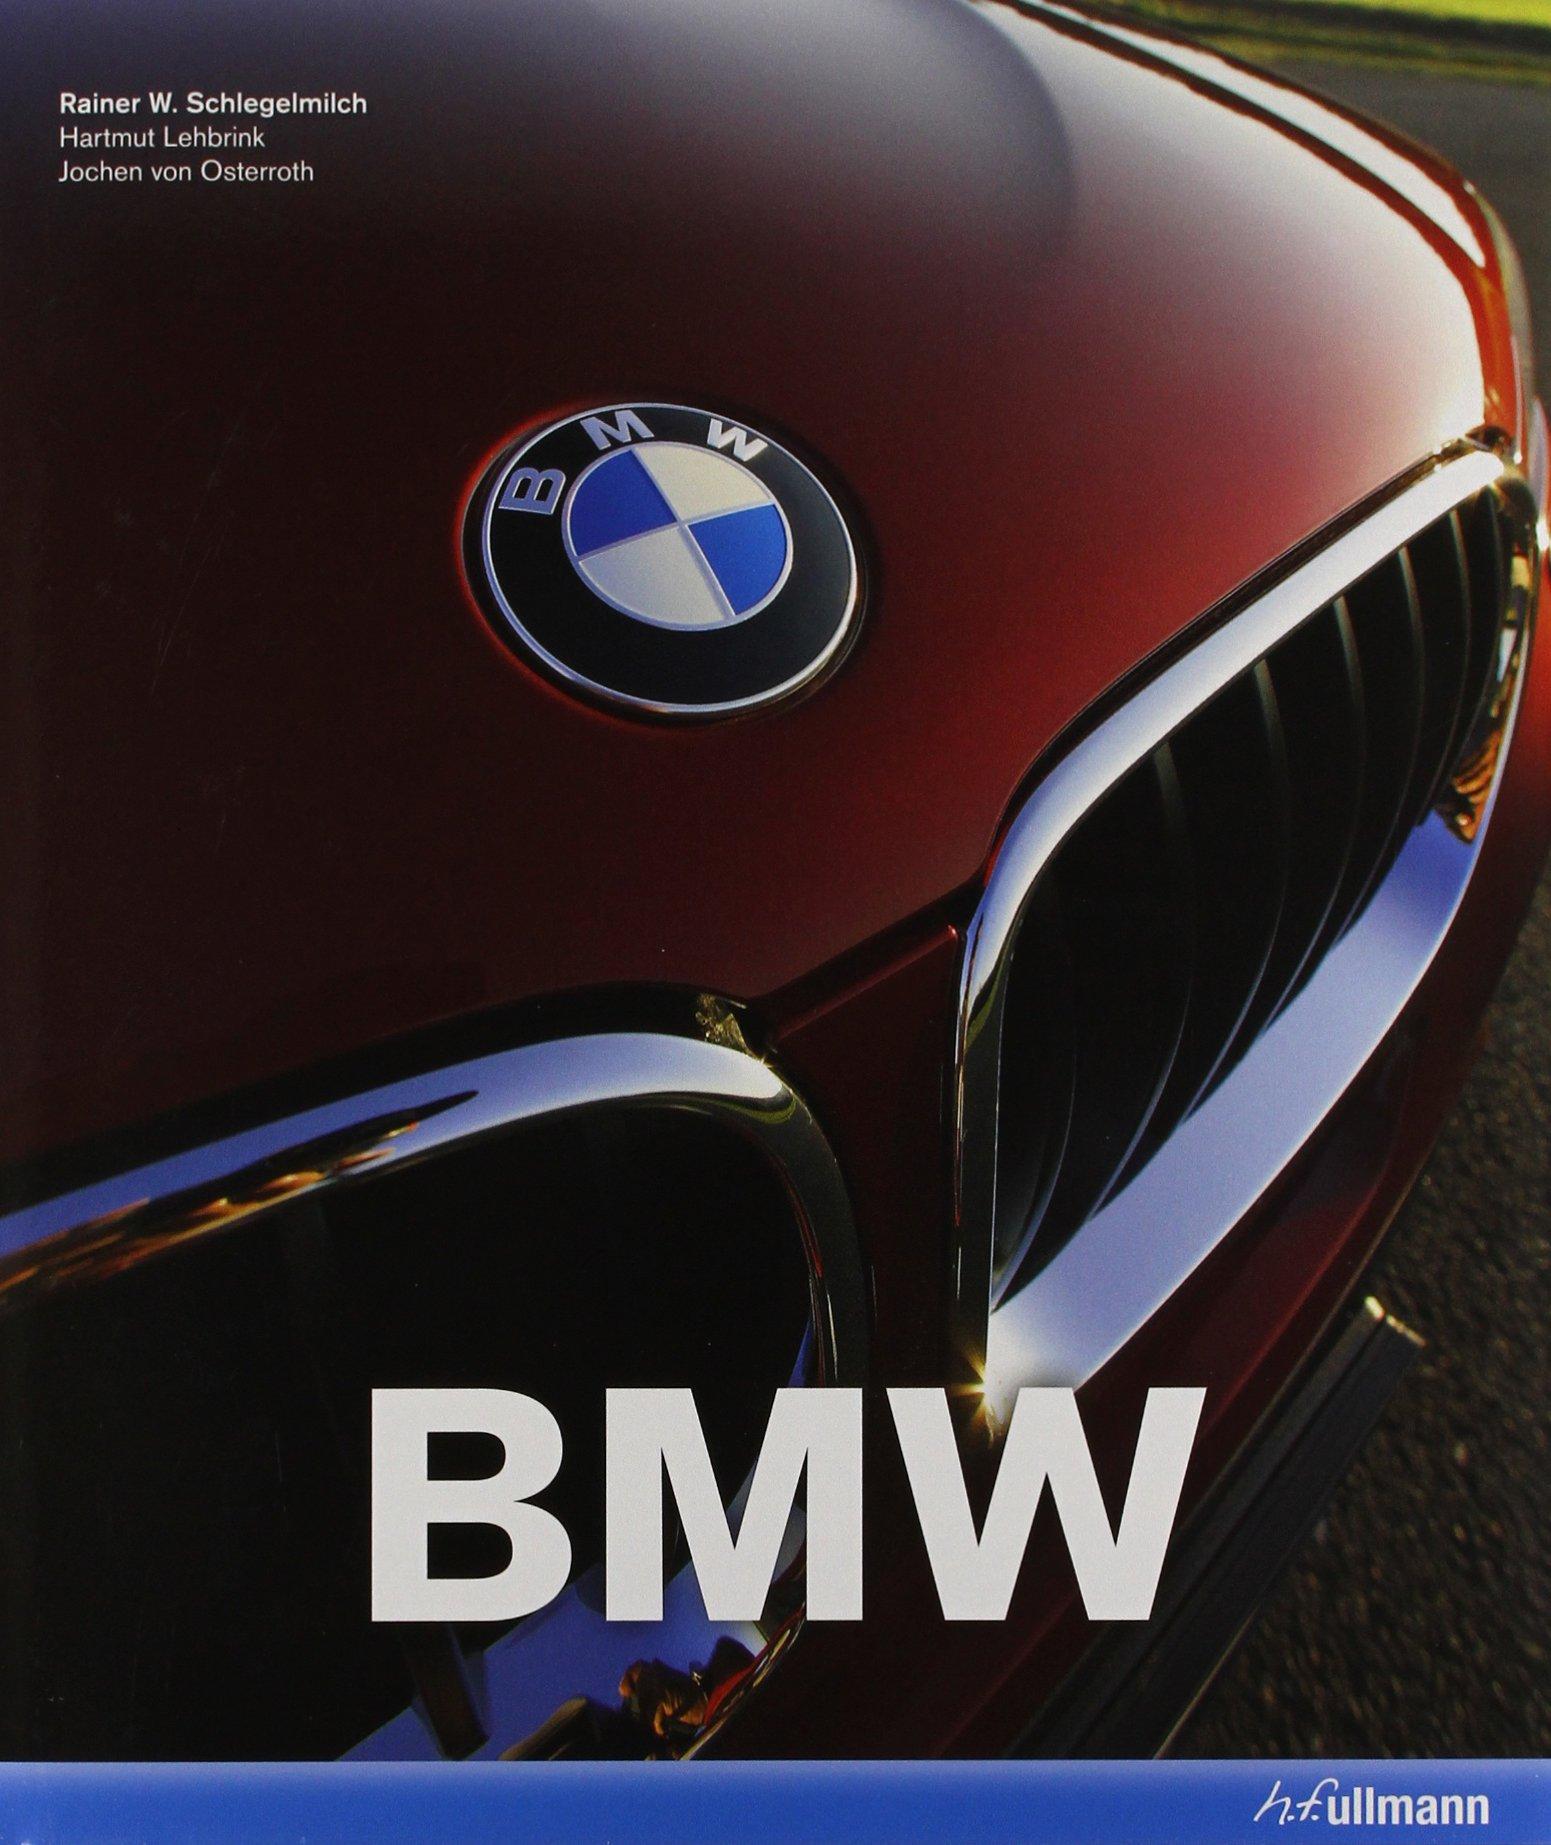 Libro sobre la historia de BMW